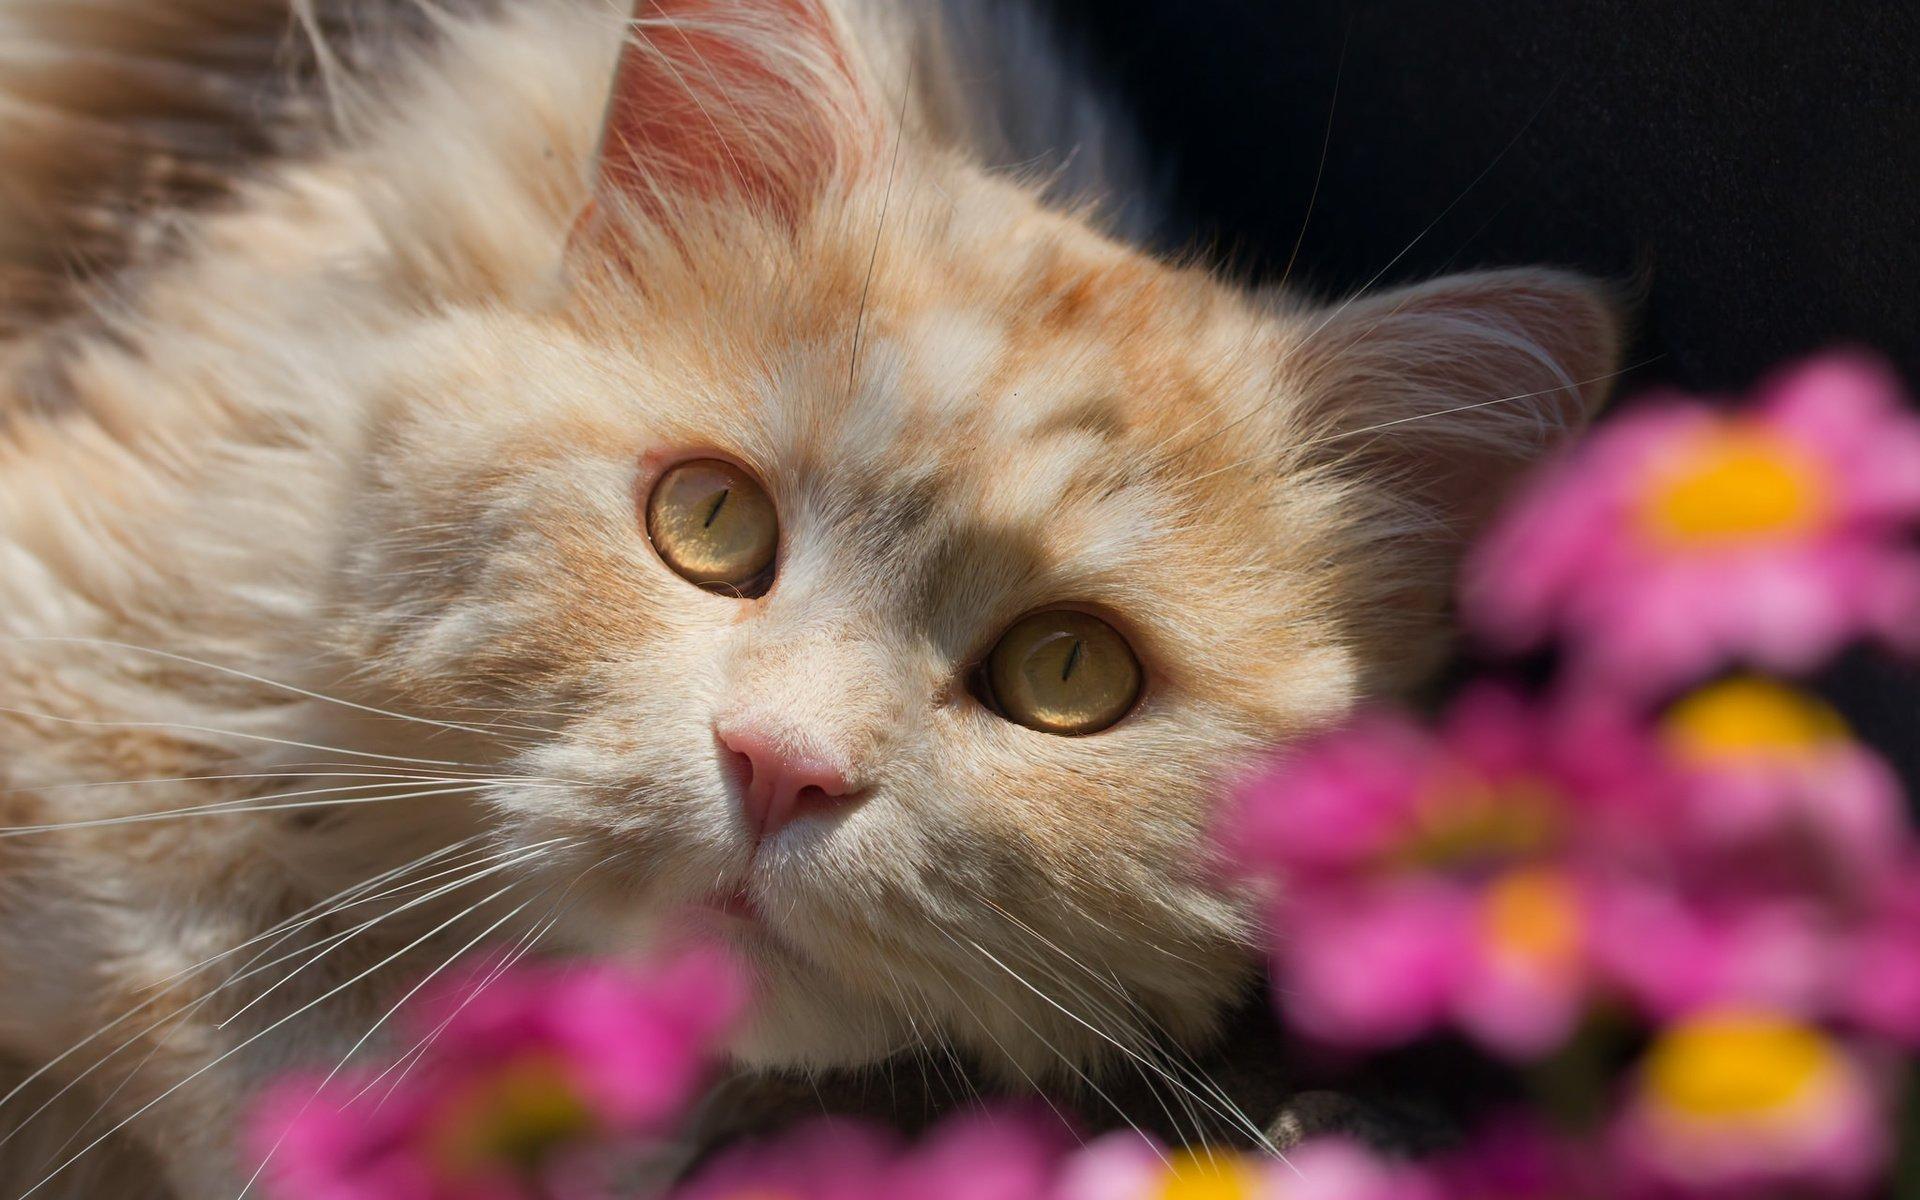 кошка цветы красиво фотография слух что именно